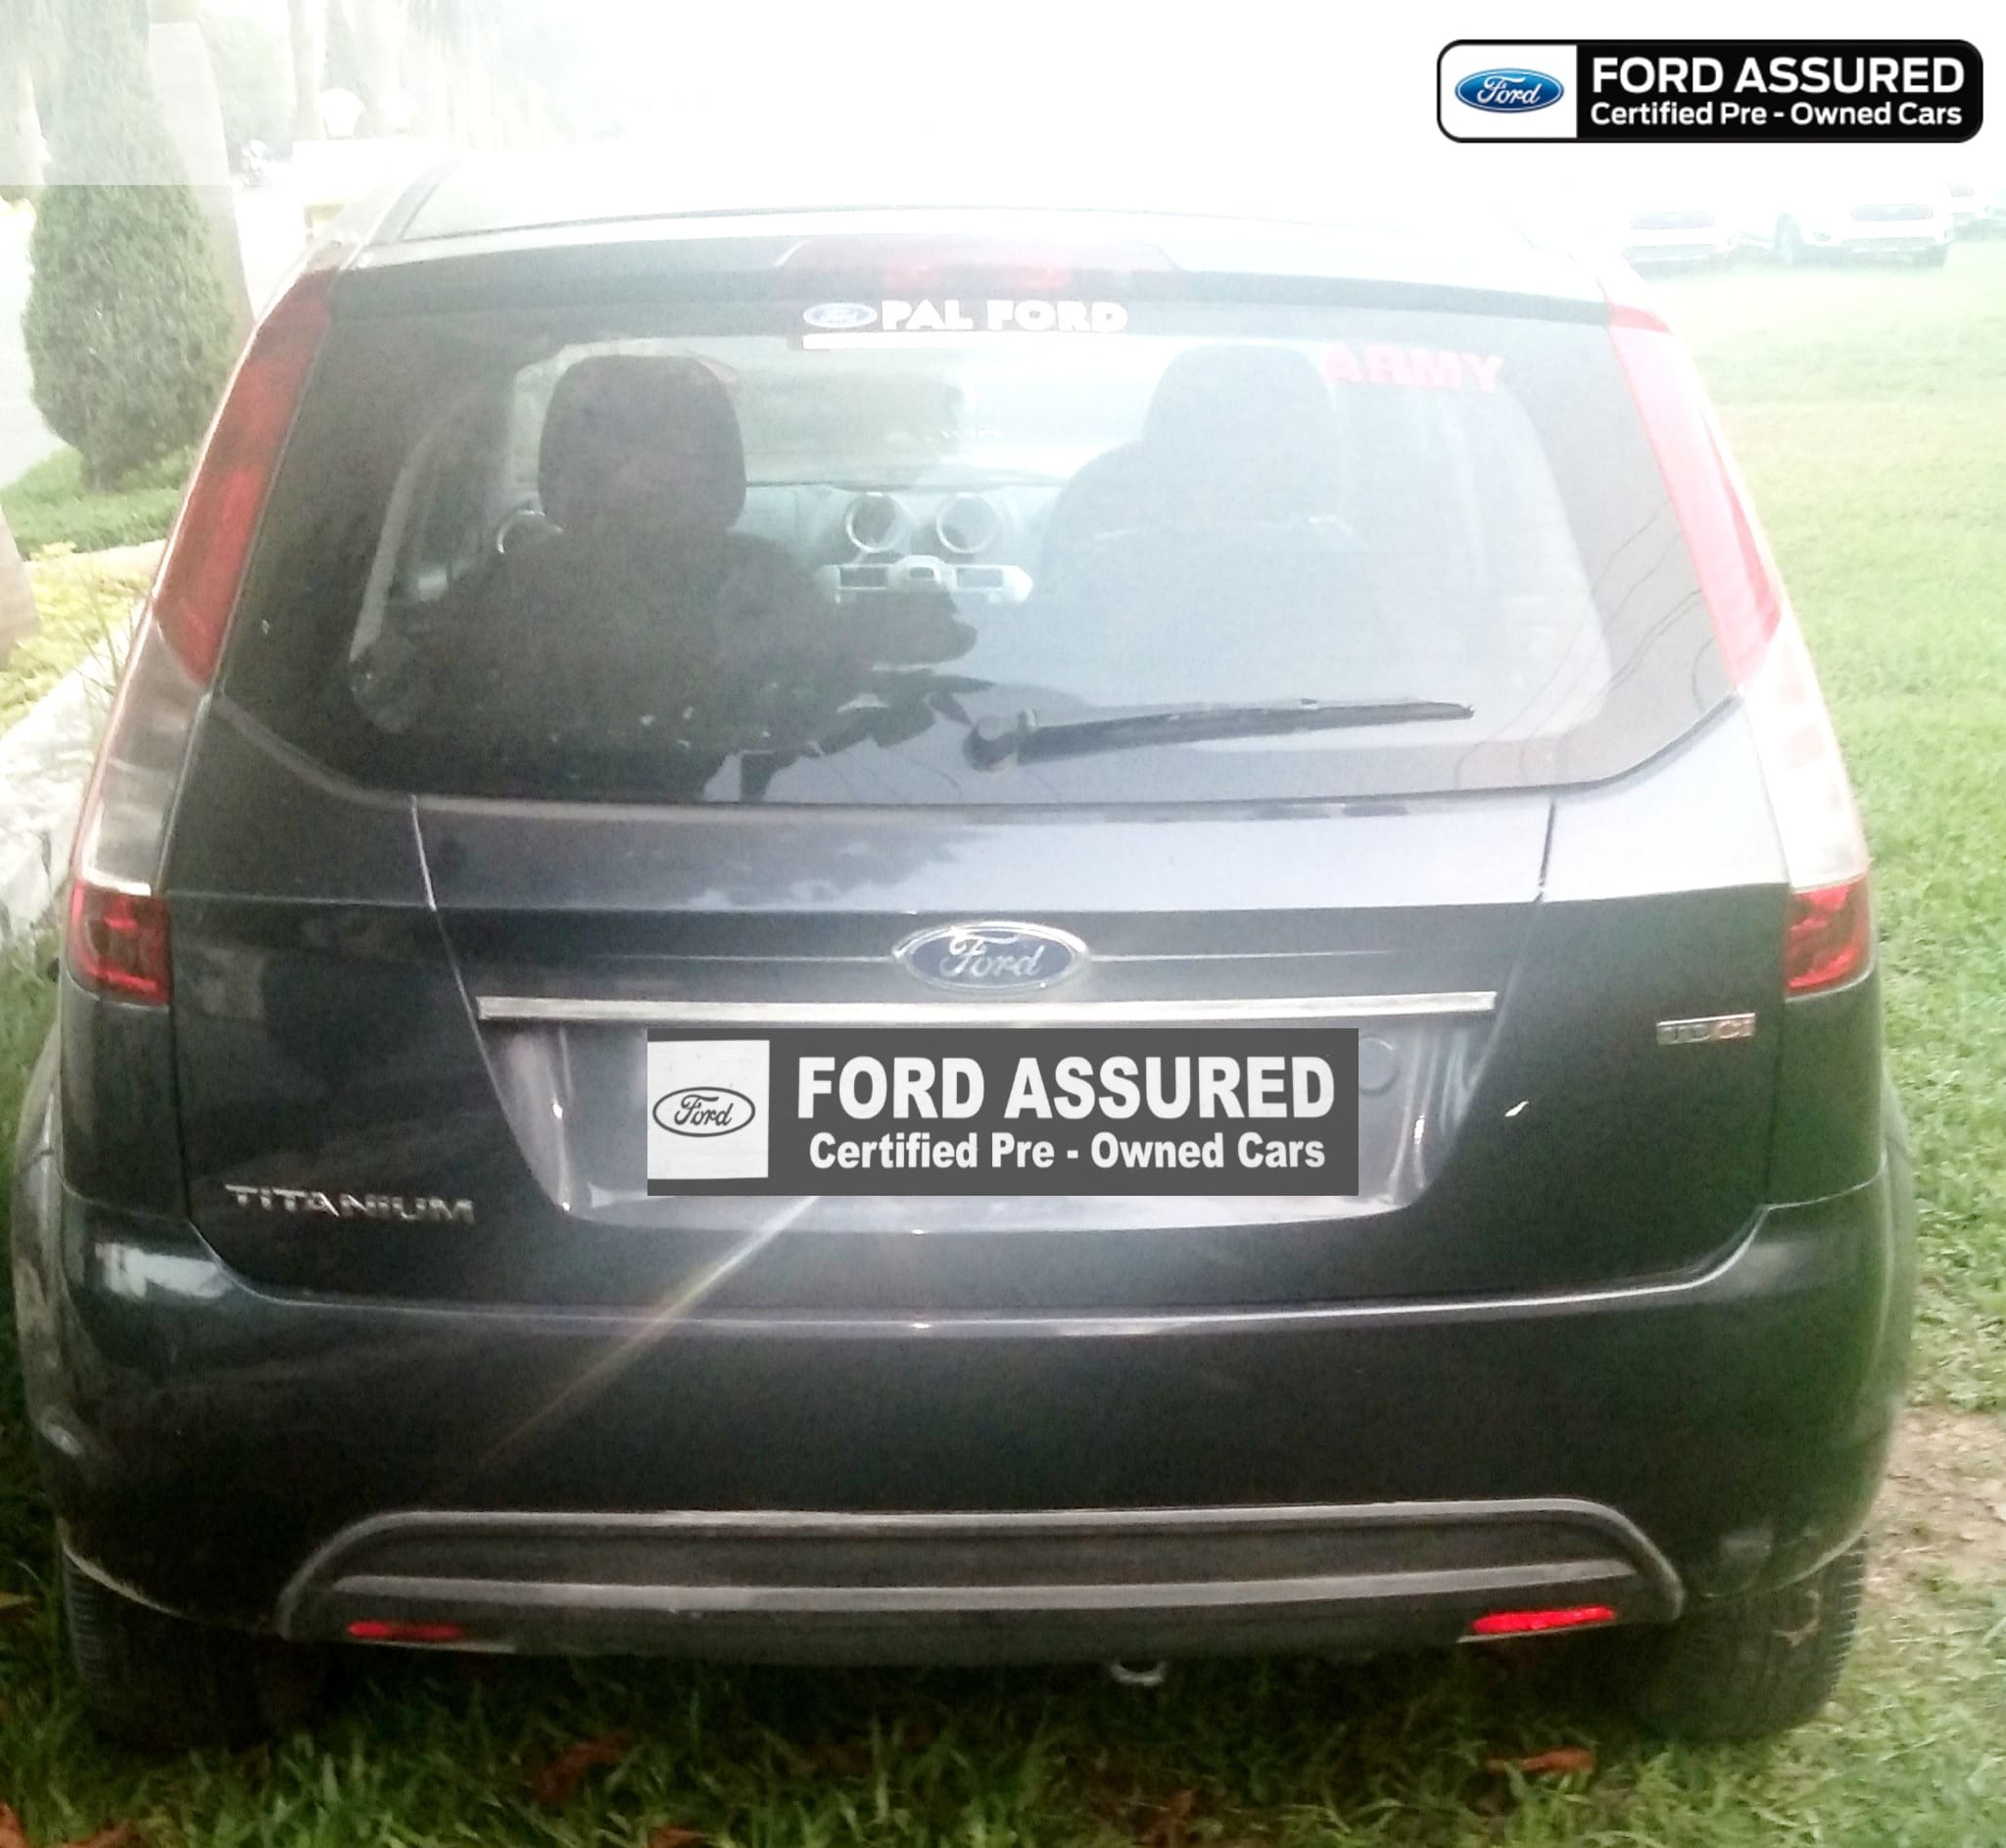 Ford Figo Titanium Diesel